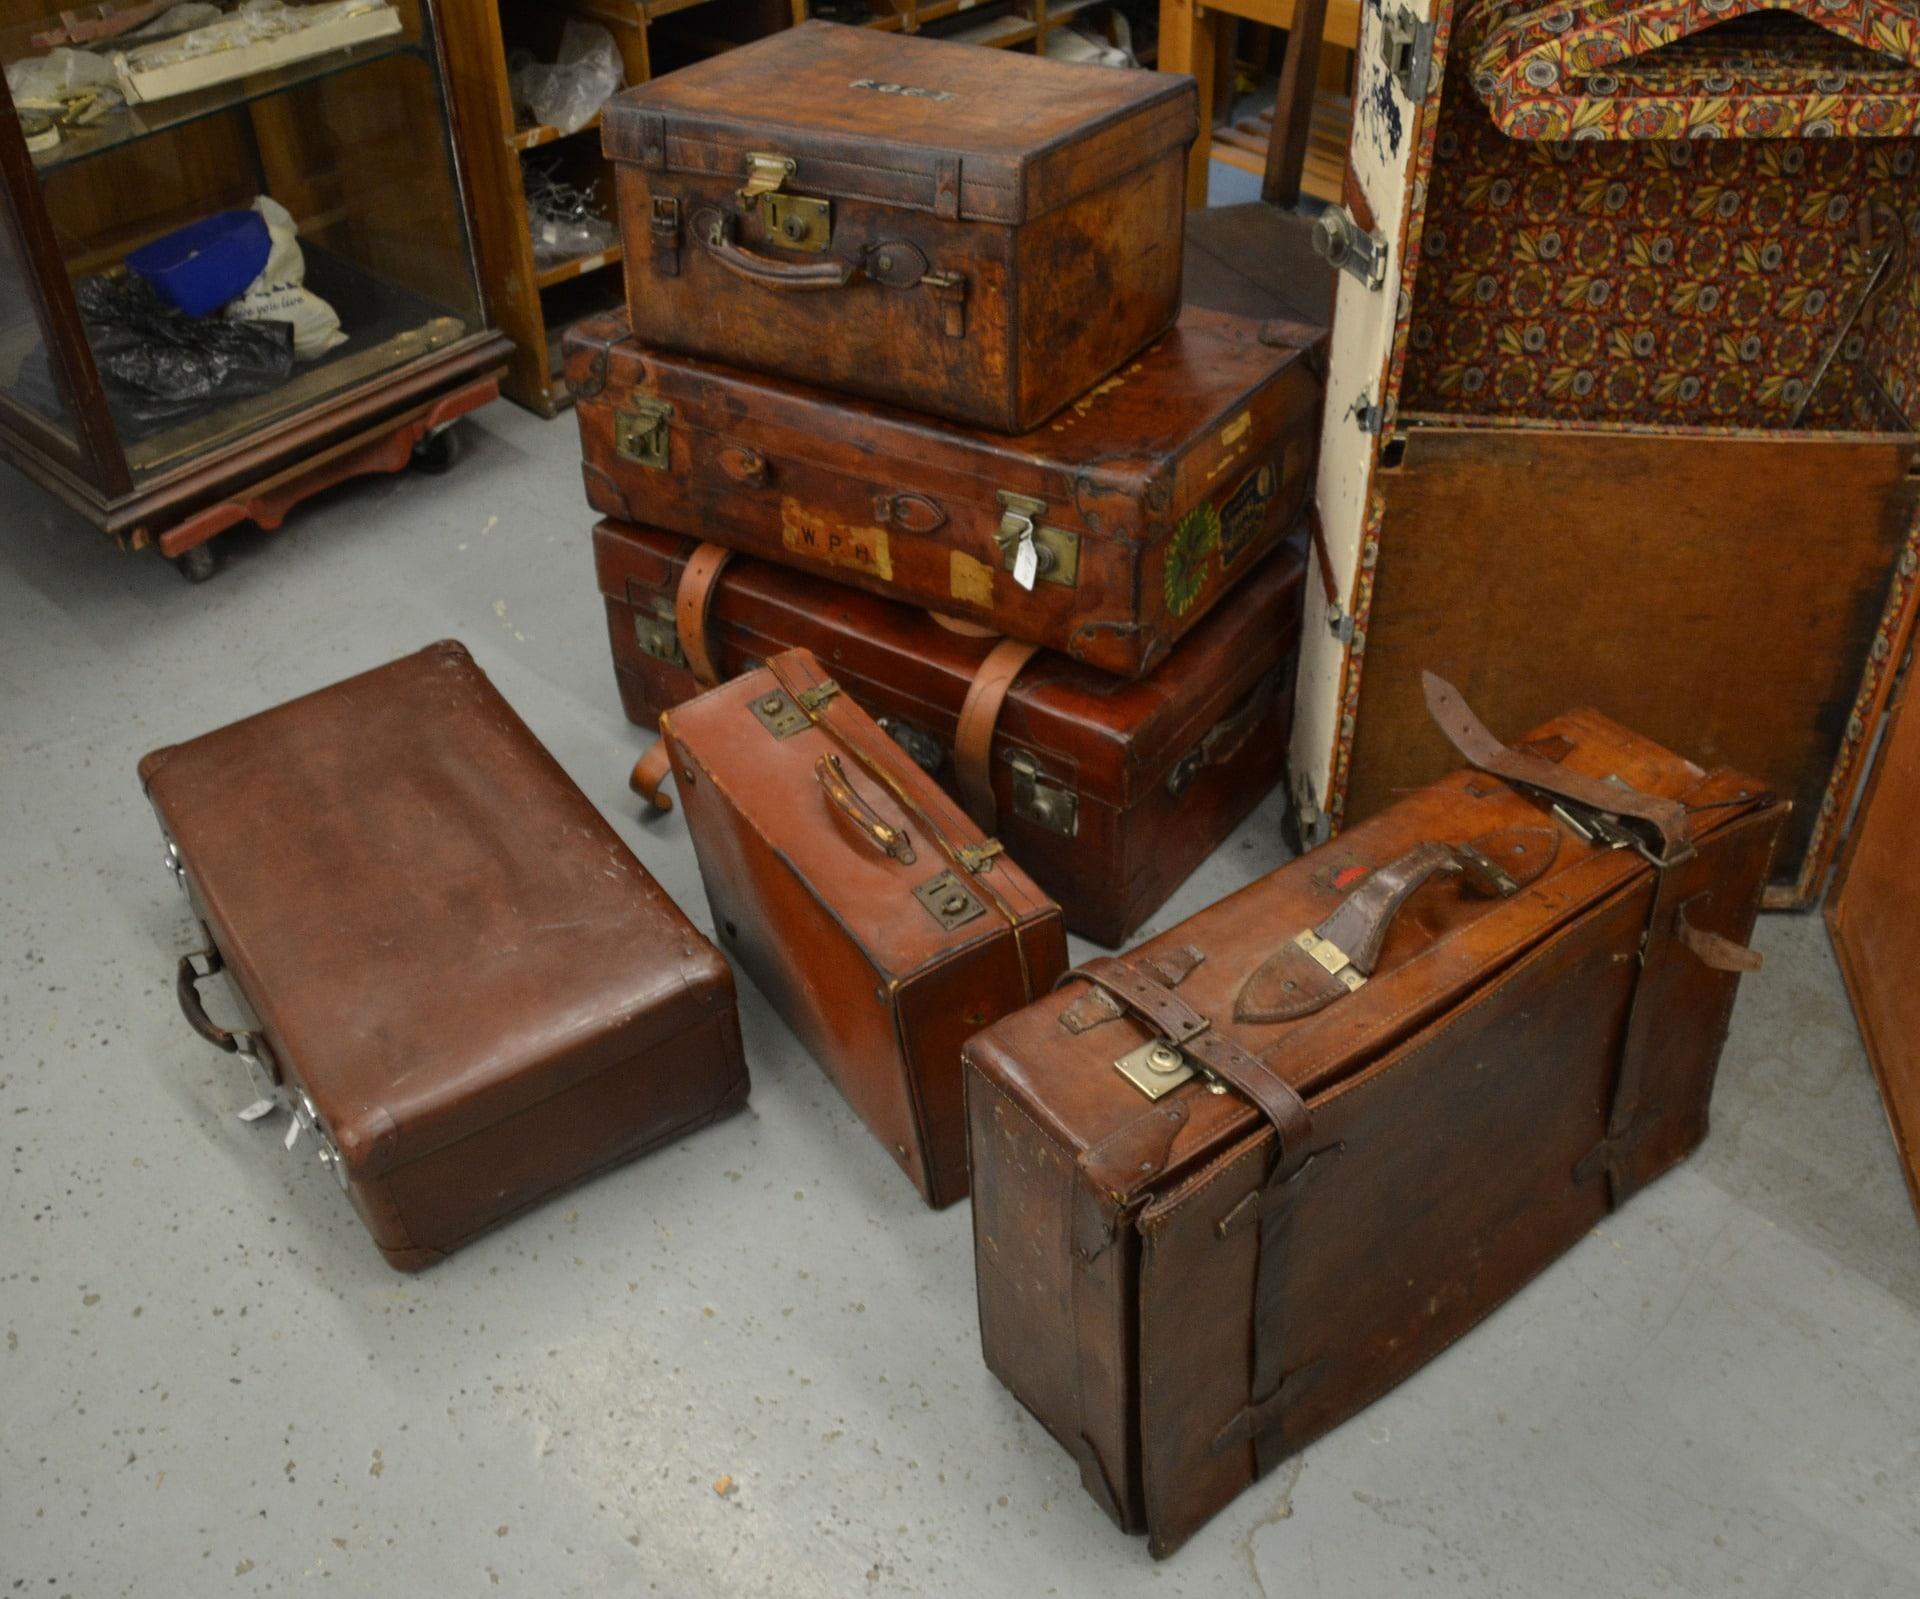 Neues Reisegepäck - aber welches? 1